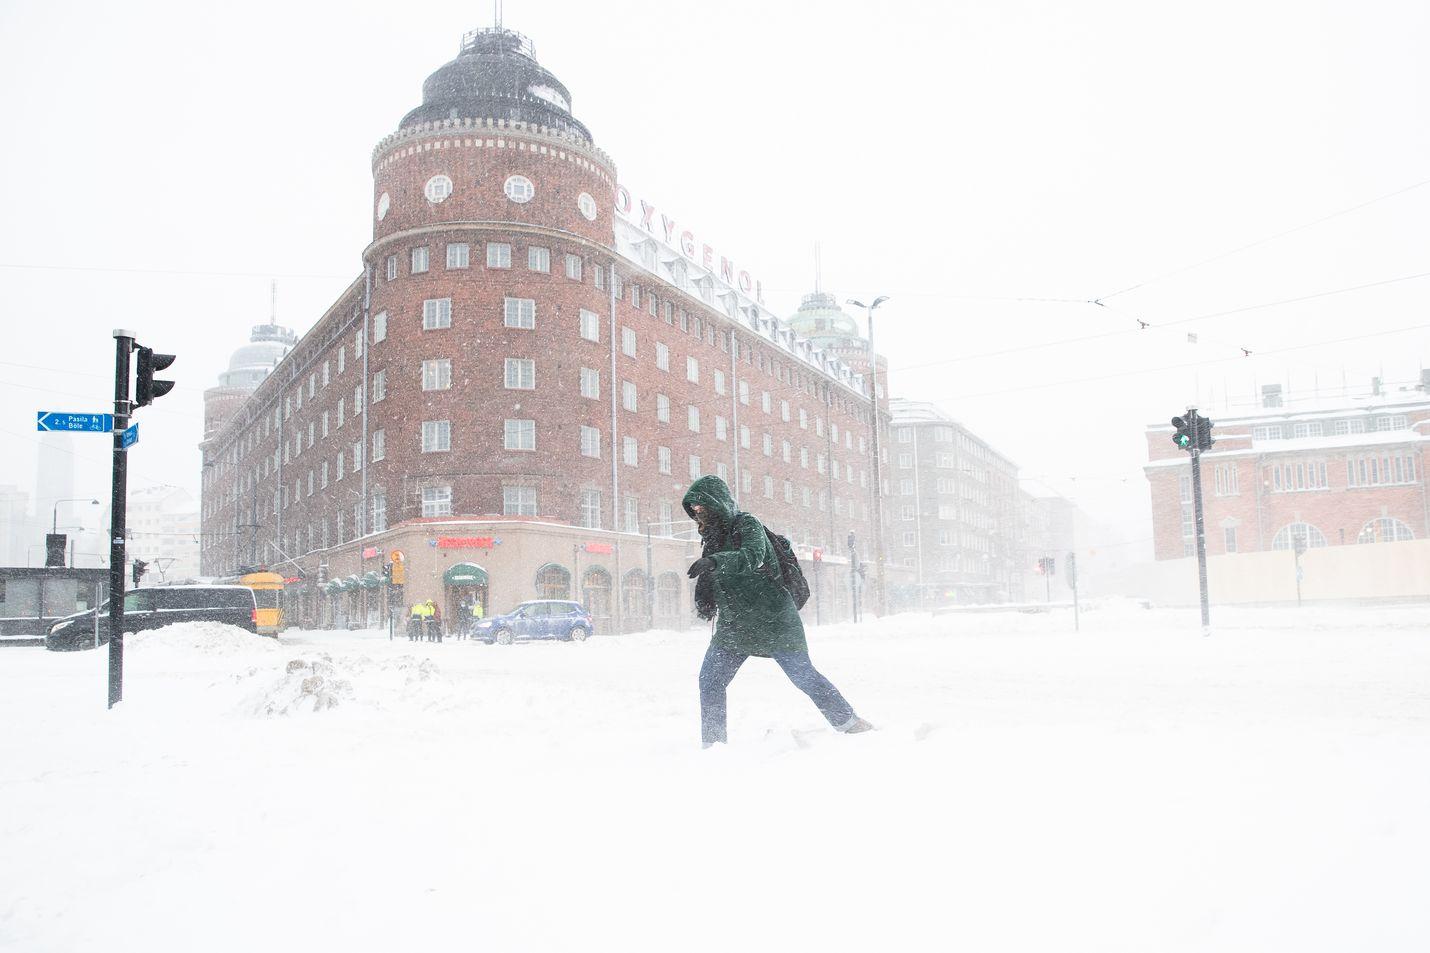 Jalankulkija taivaltaa läpi tuulen ja tuiskun Helsingissä.